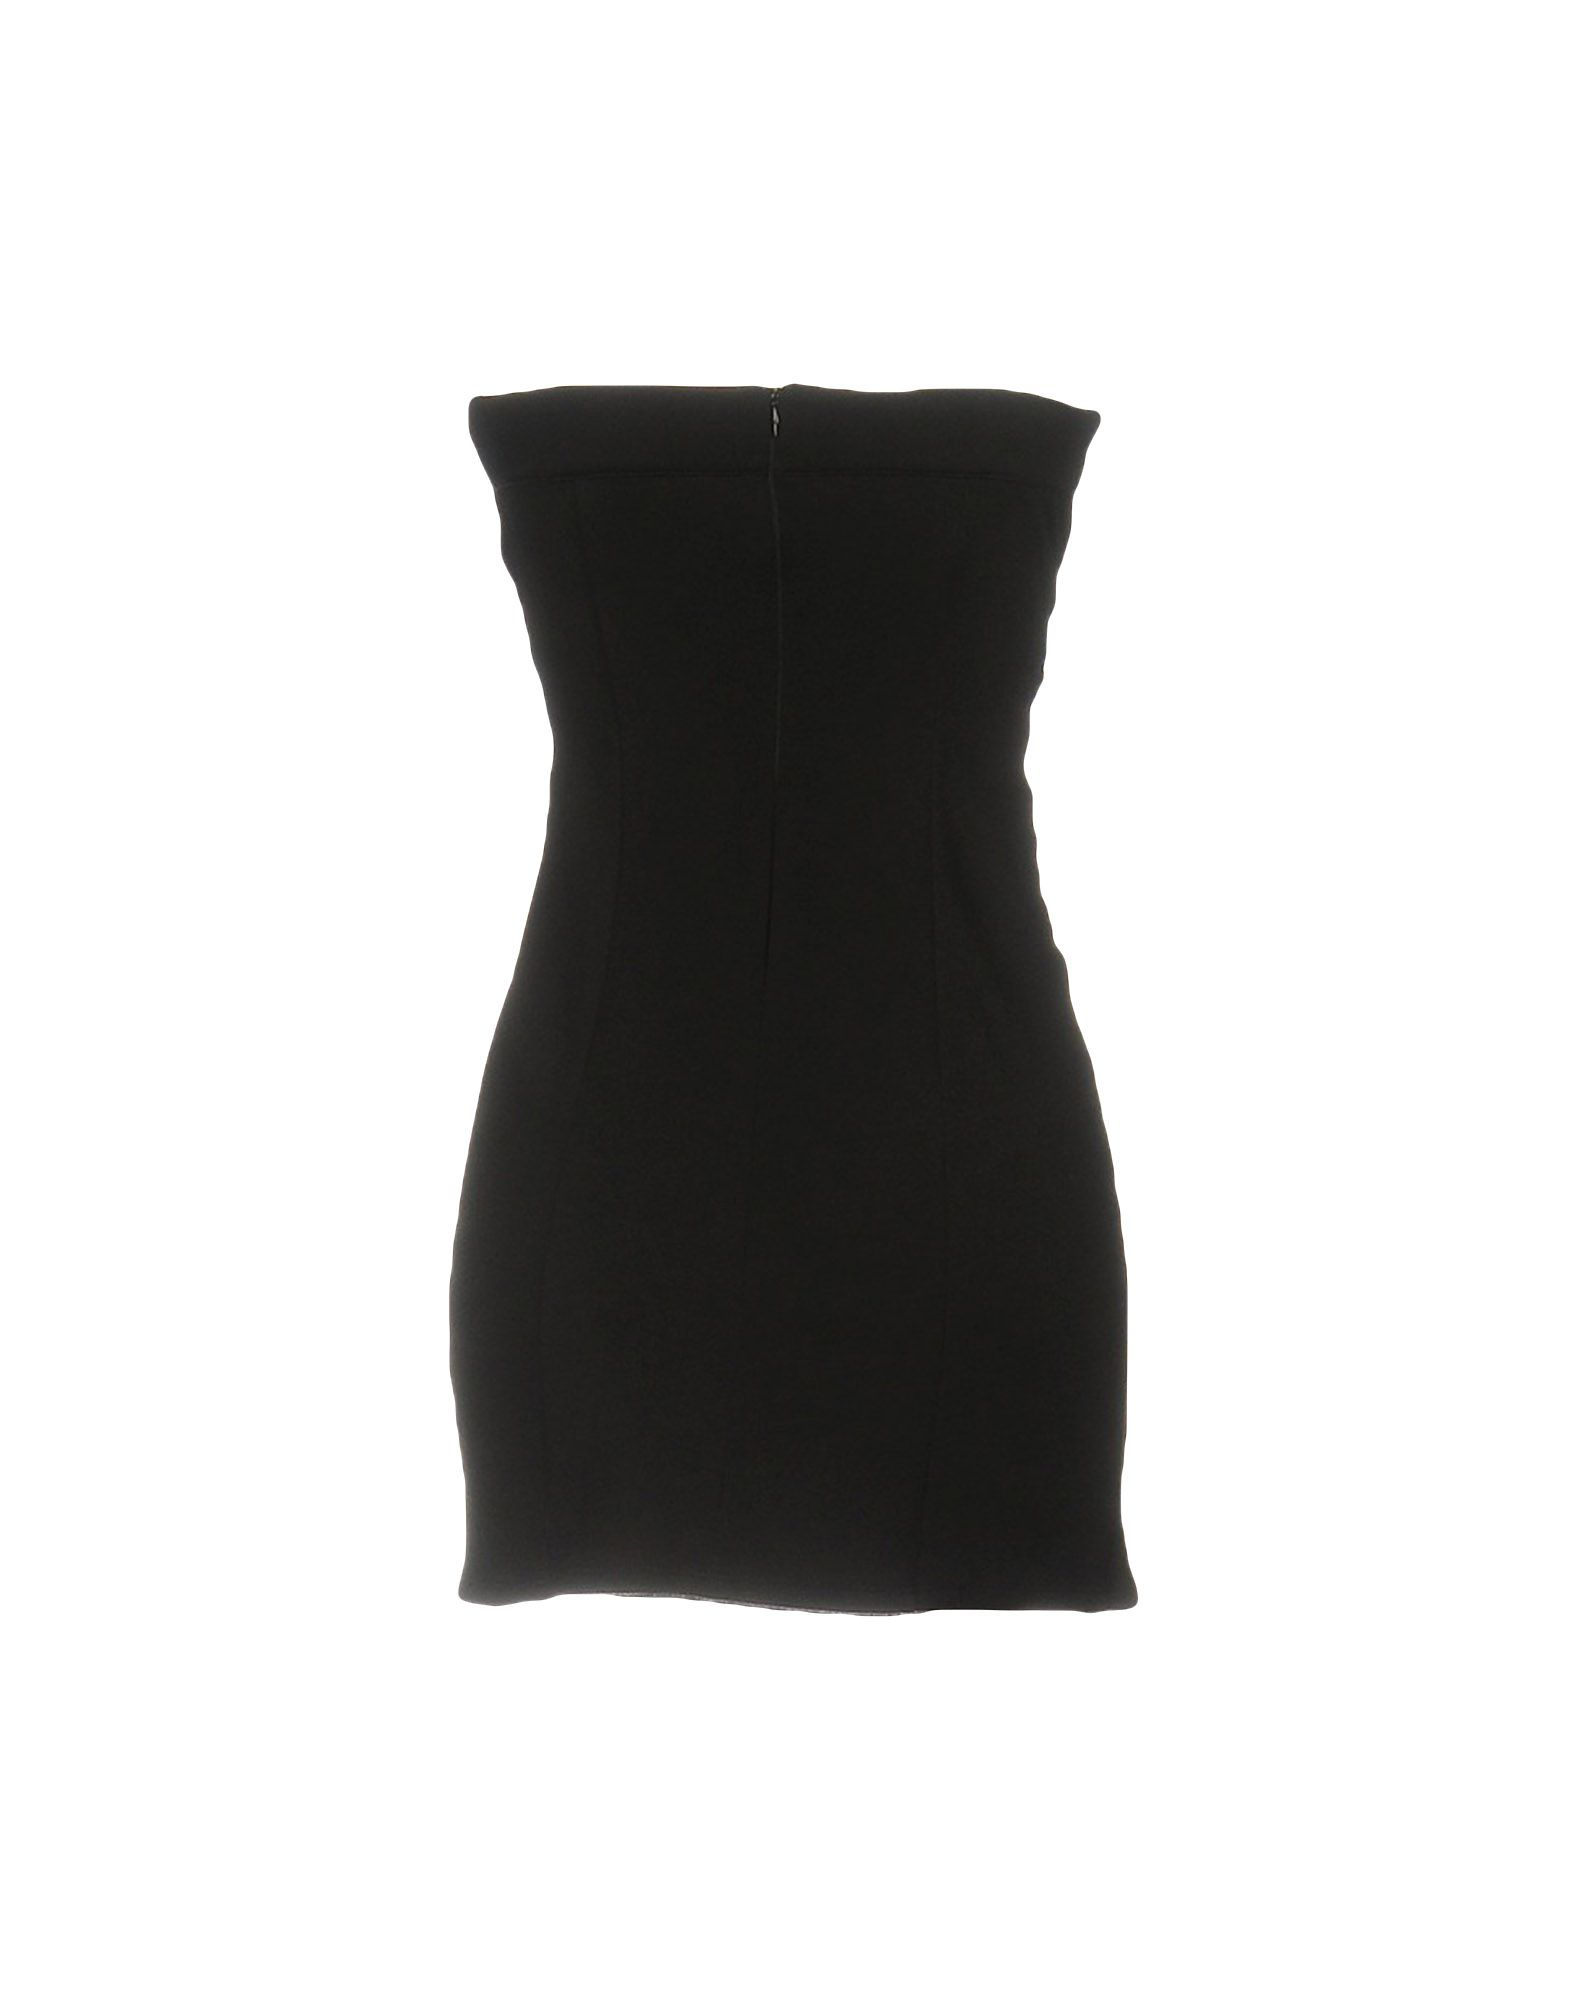 MET MIAMI COCKTAIL Damen Kurzes Kleid Farbe Schwarz Größe 4